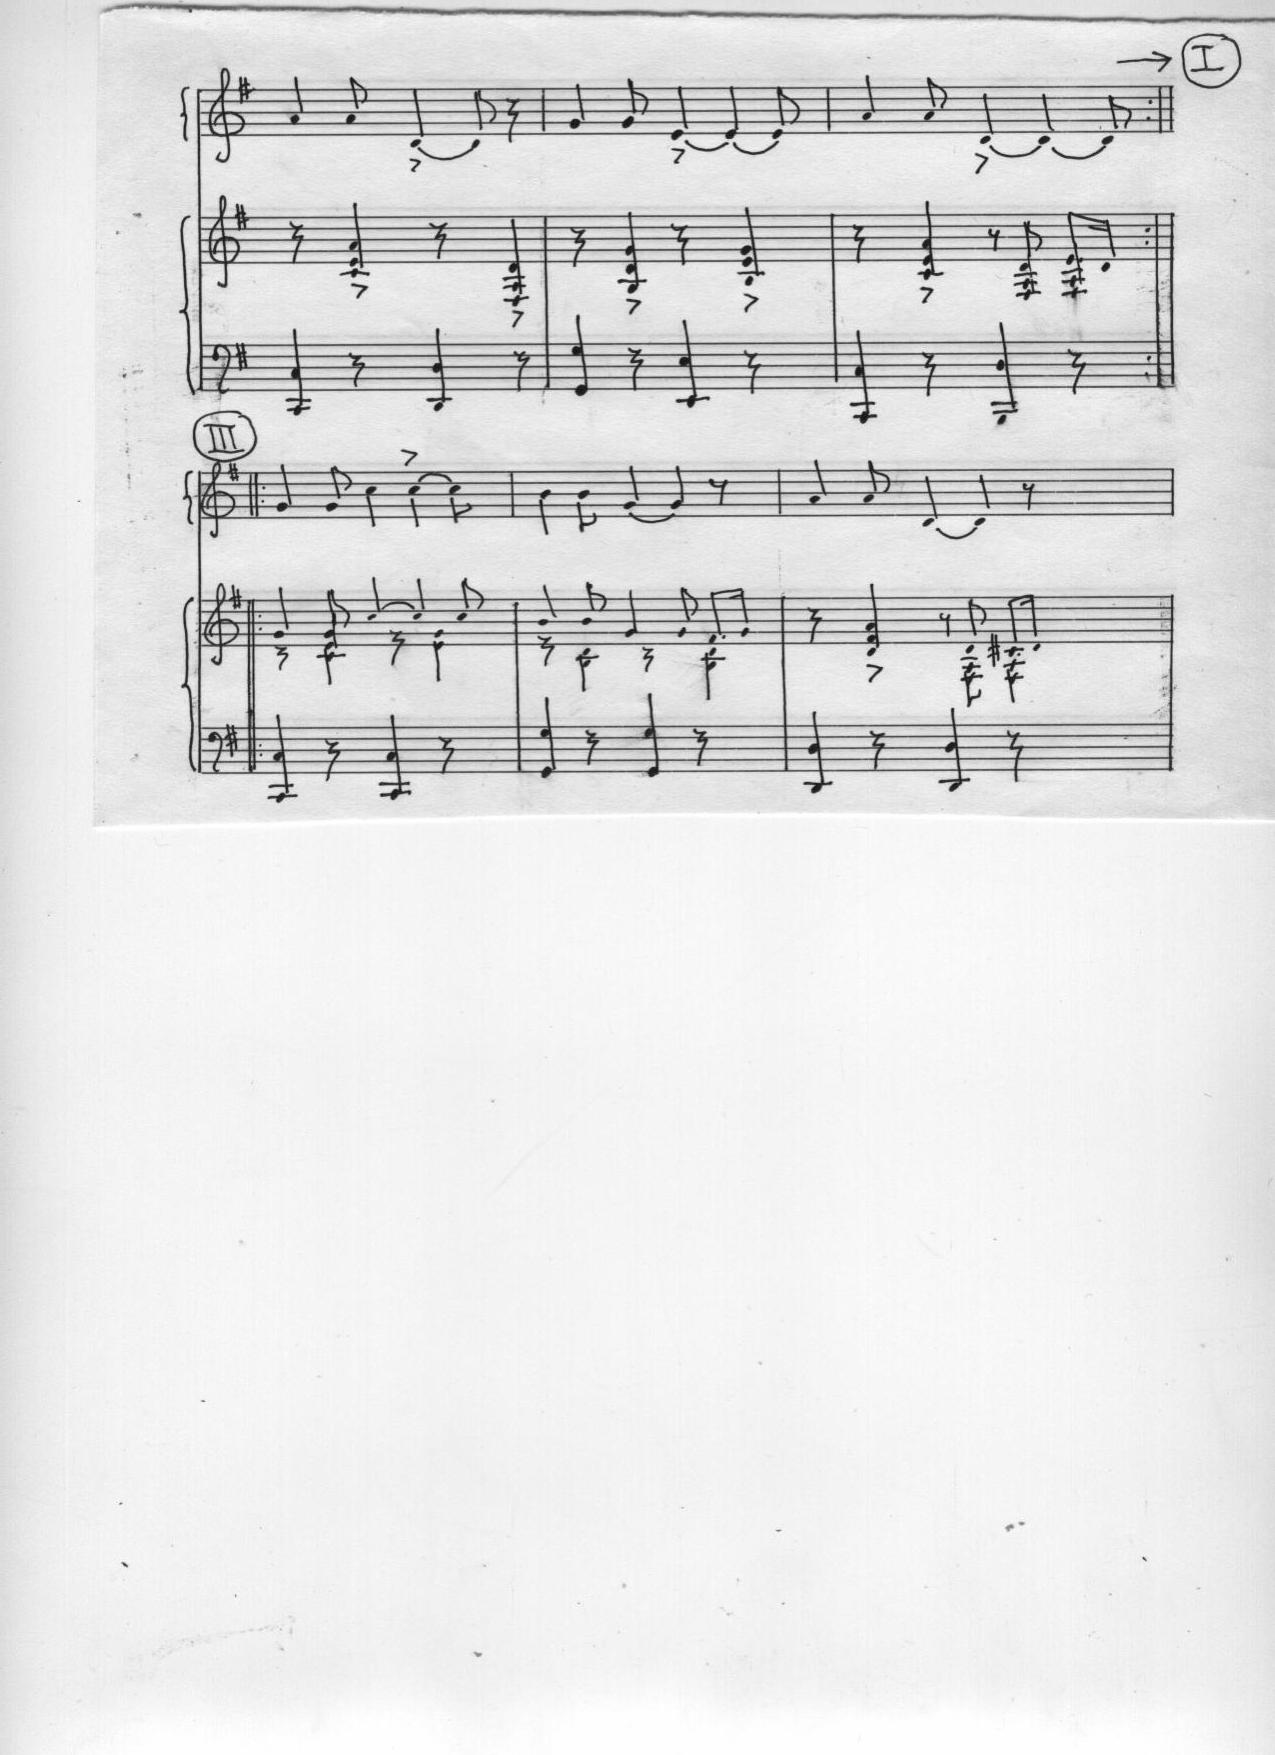 ноты для синтезатора современных песен цифрами